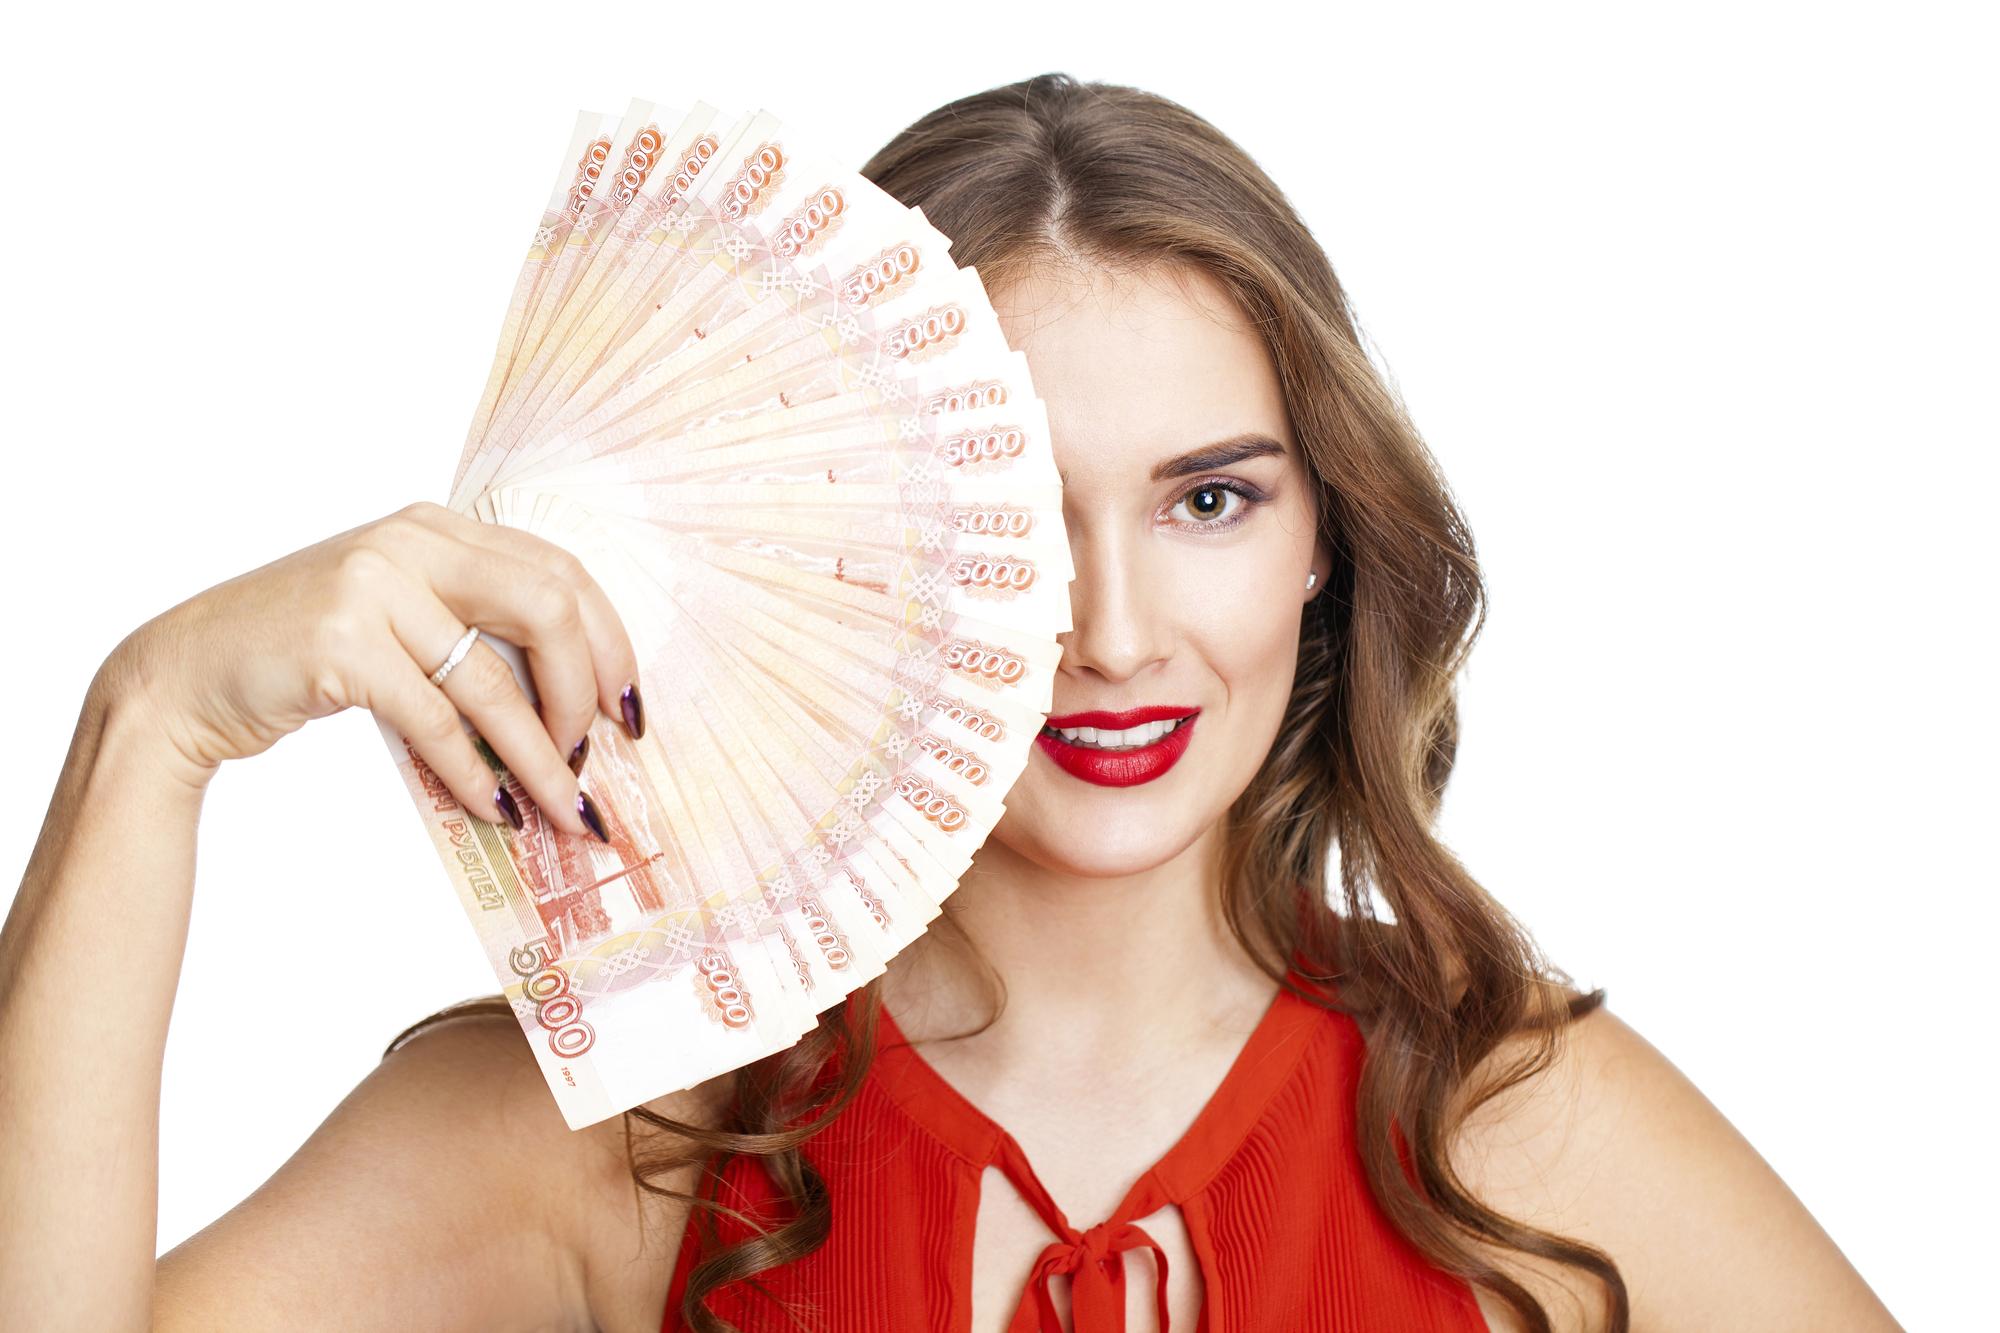 Дам деньги в долг под проценты - доска объявлений